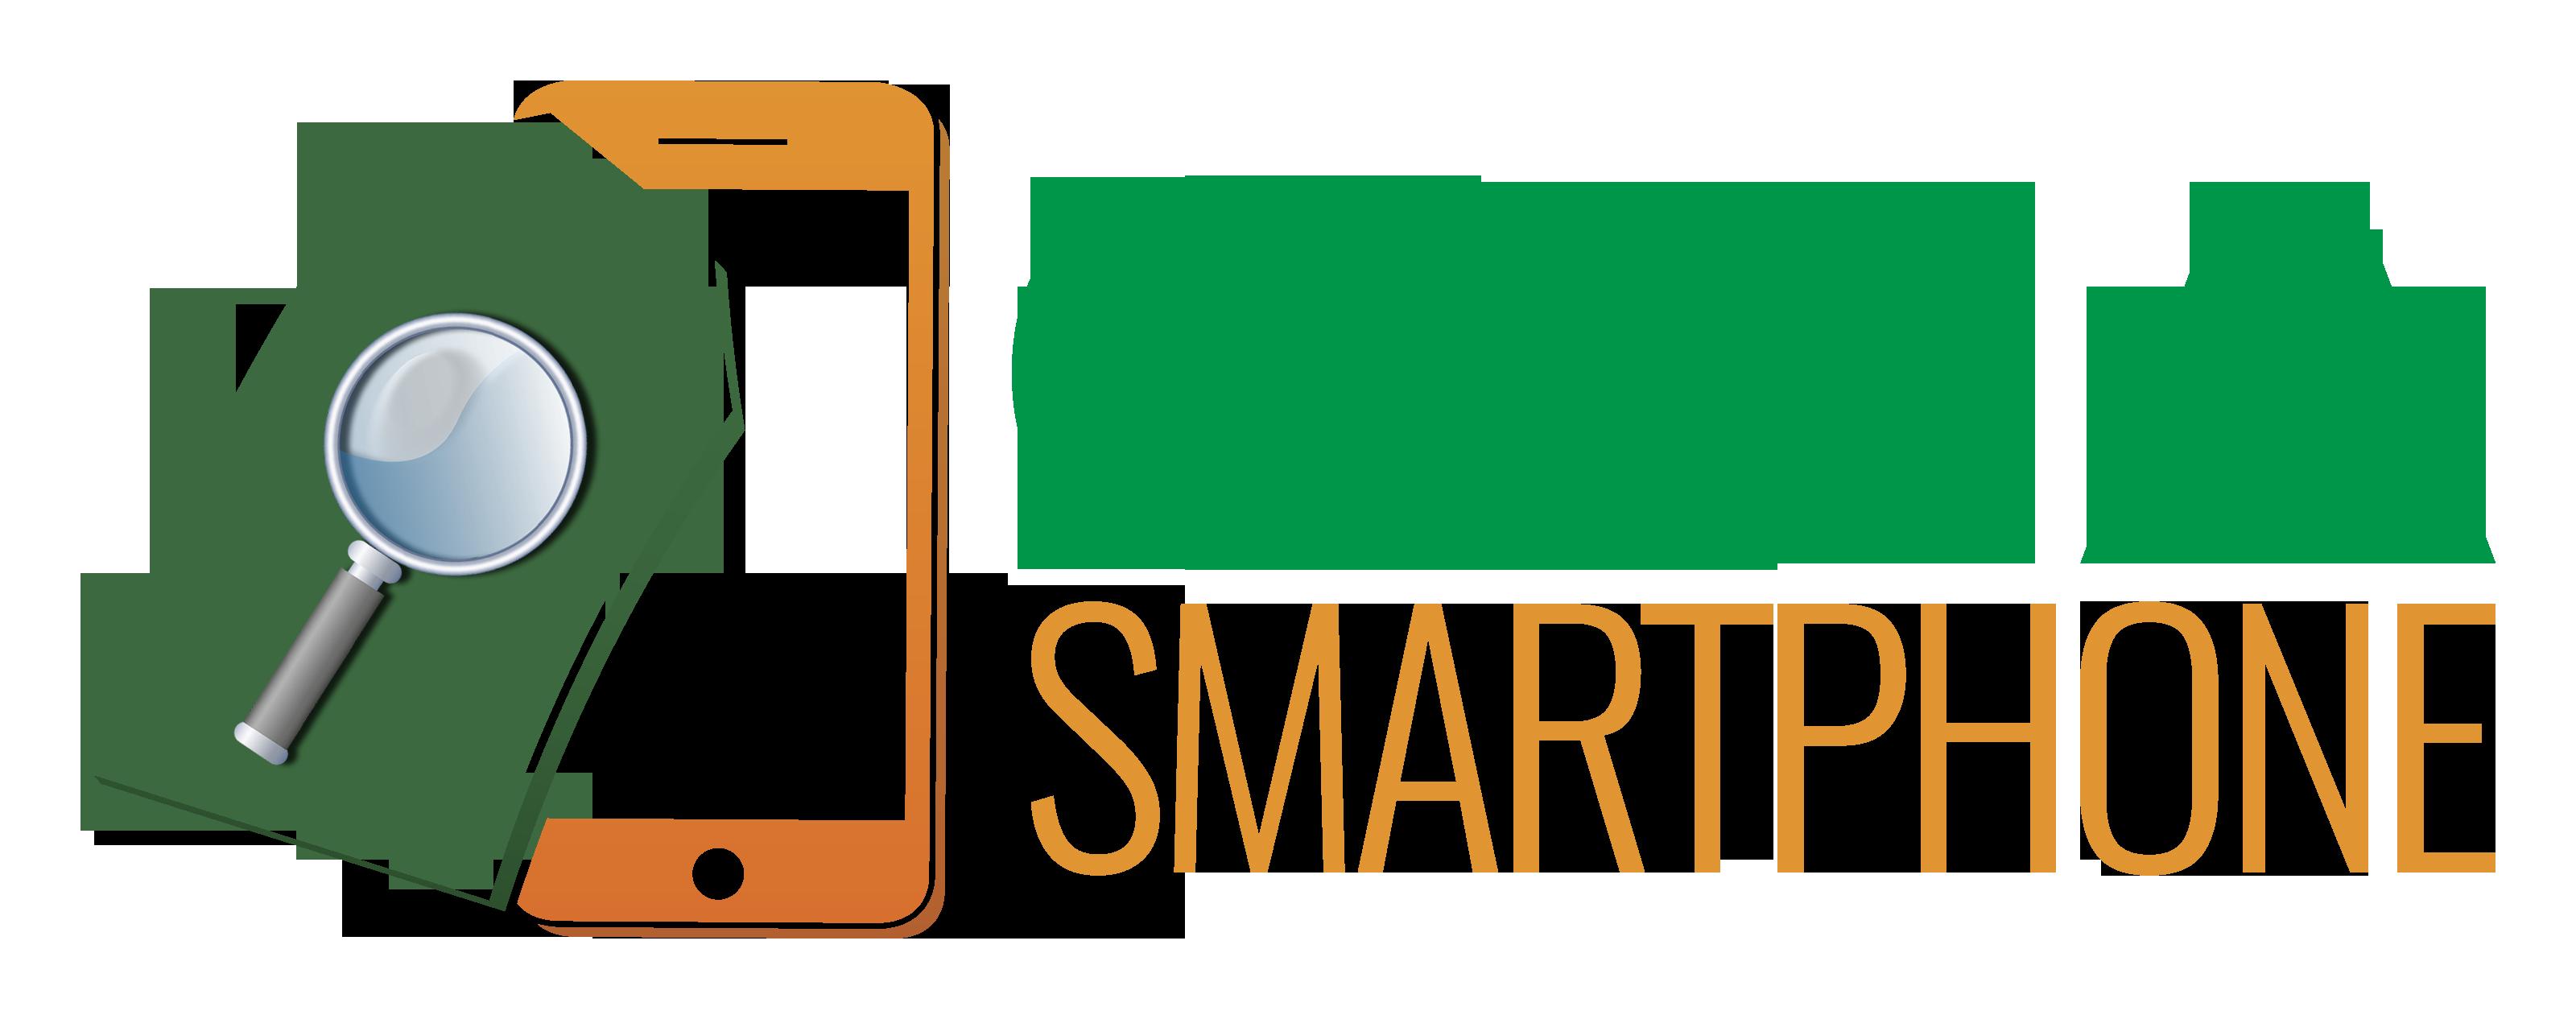 Guia do Smartphone – Tudo Sobre Celulares e Smartphones